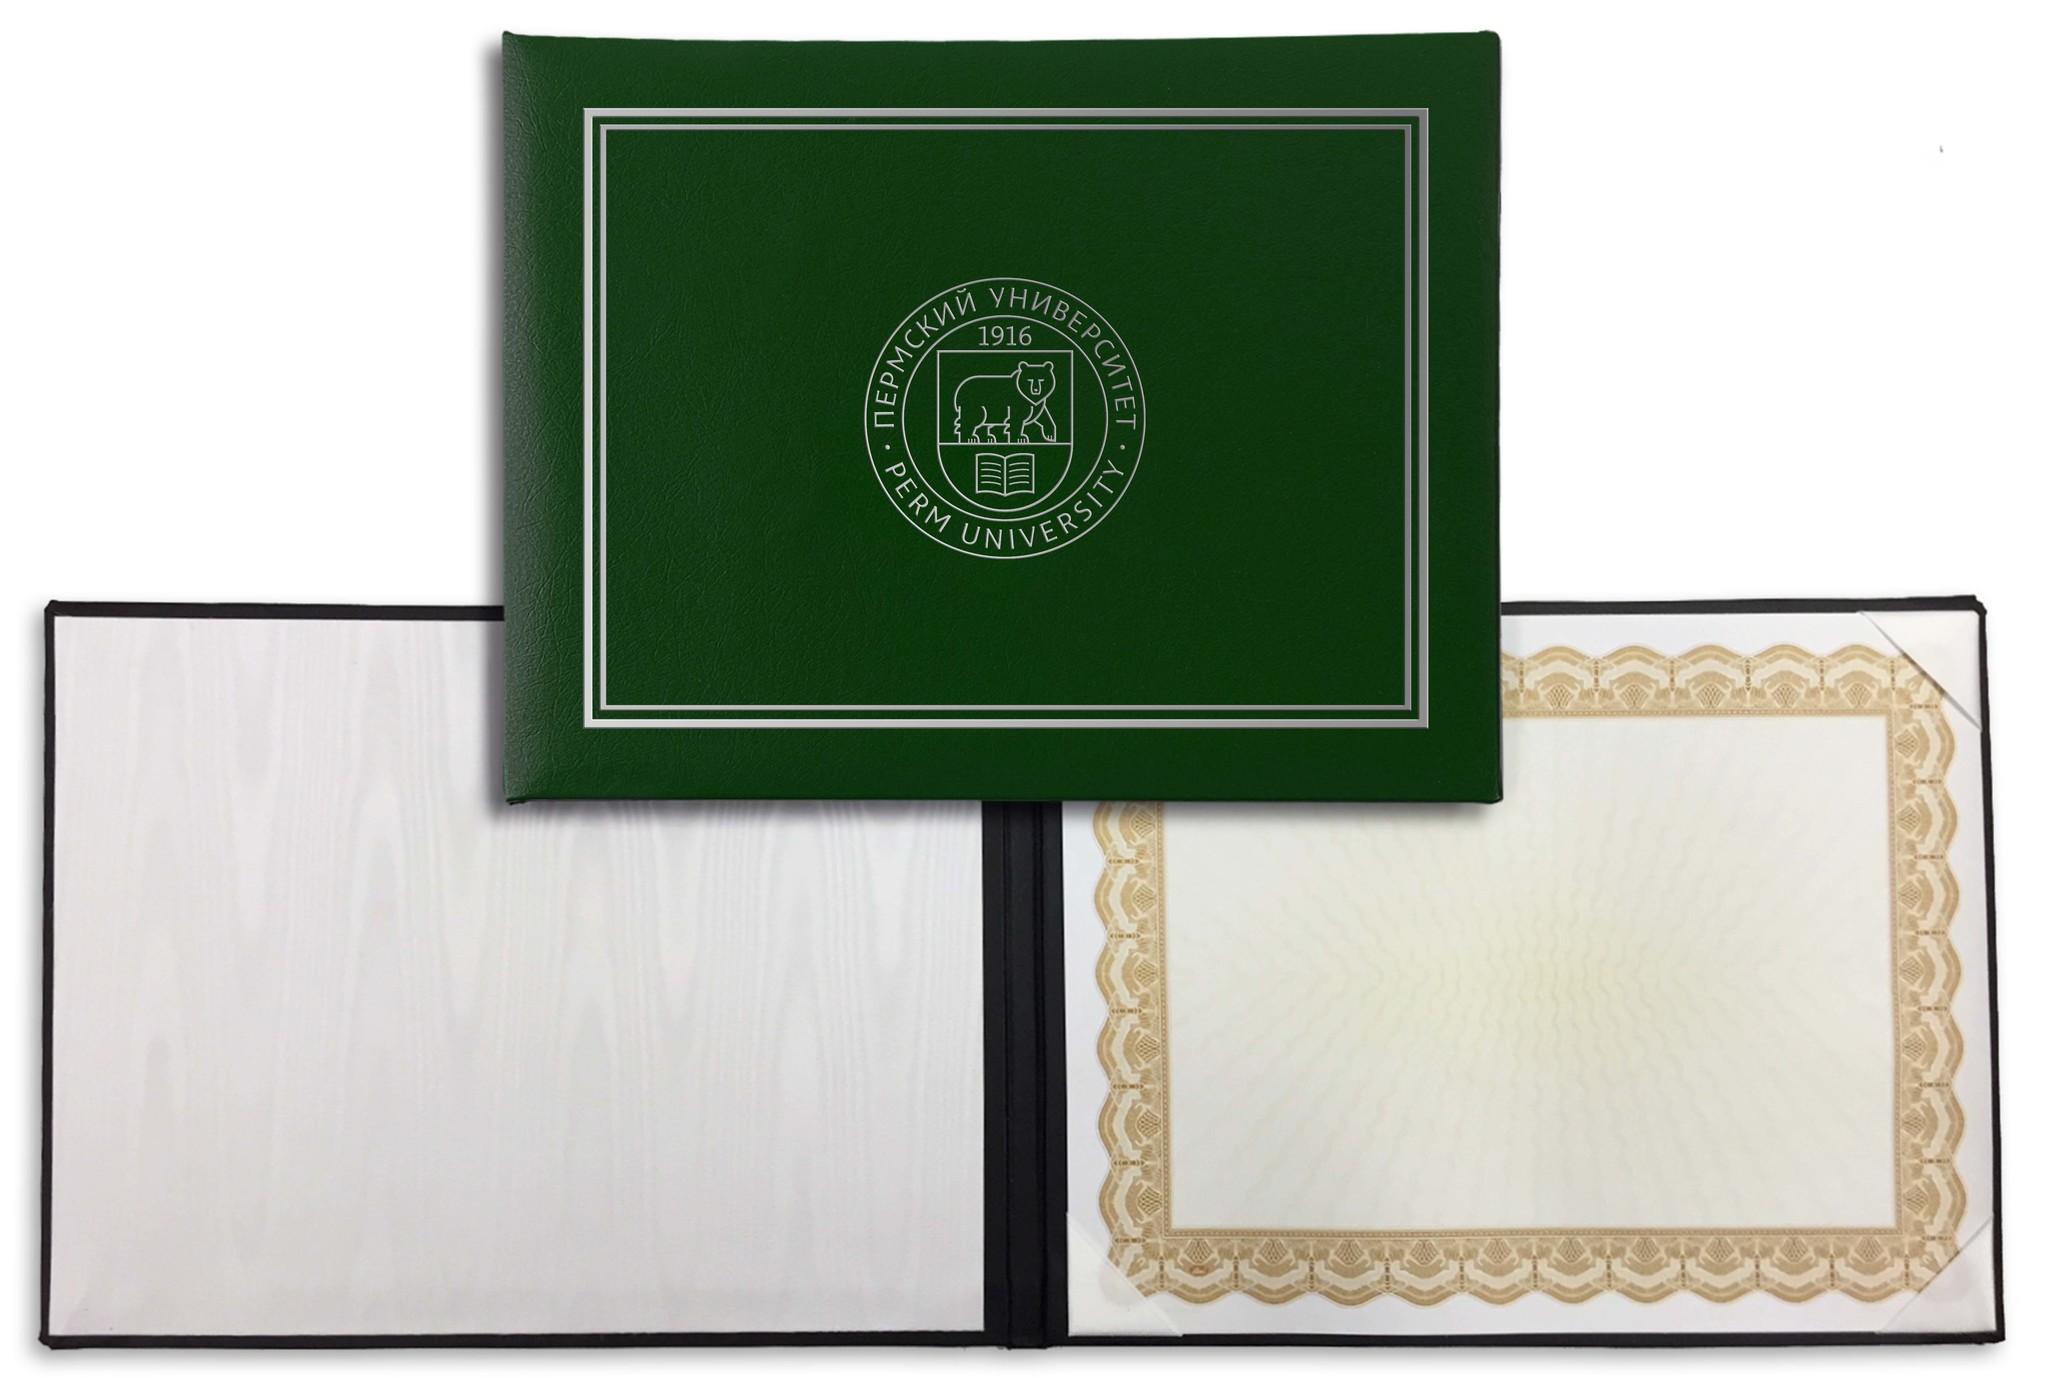 Папка обложка «Эстет» для сертификата/вкладыша с логотипом